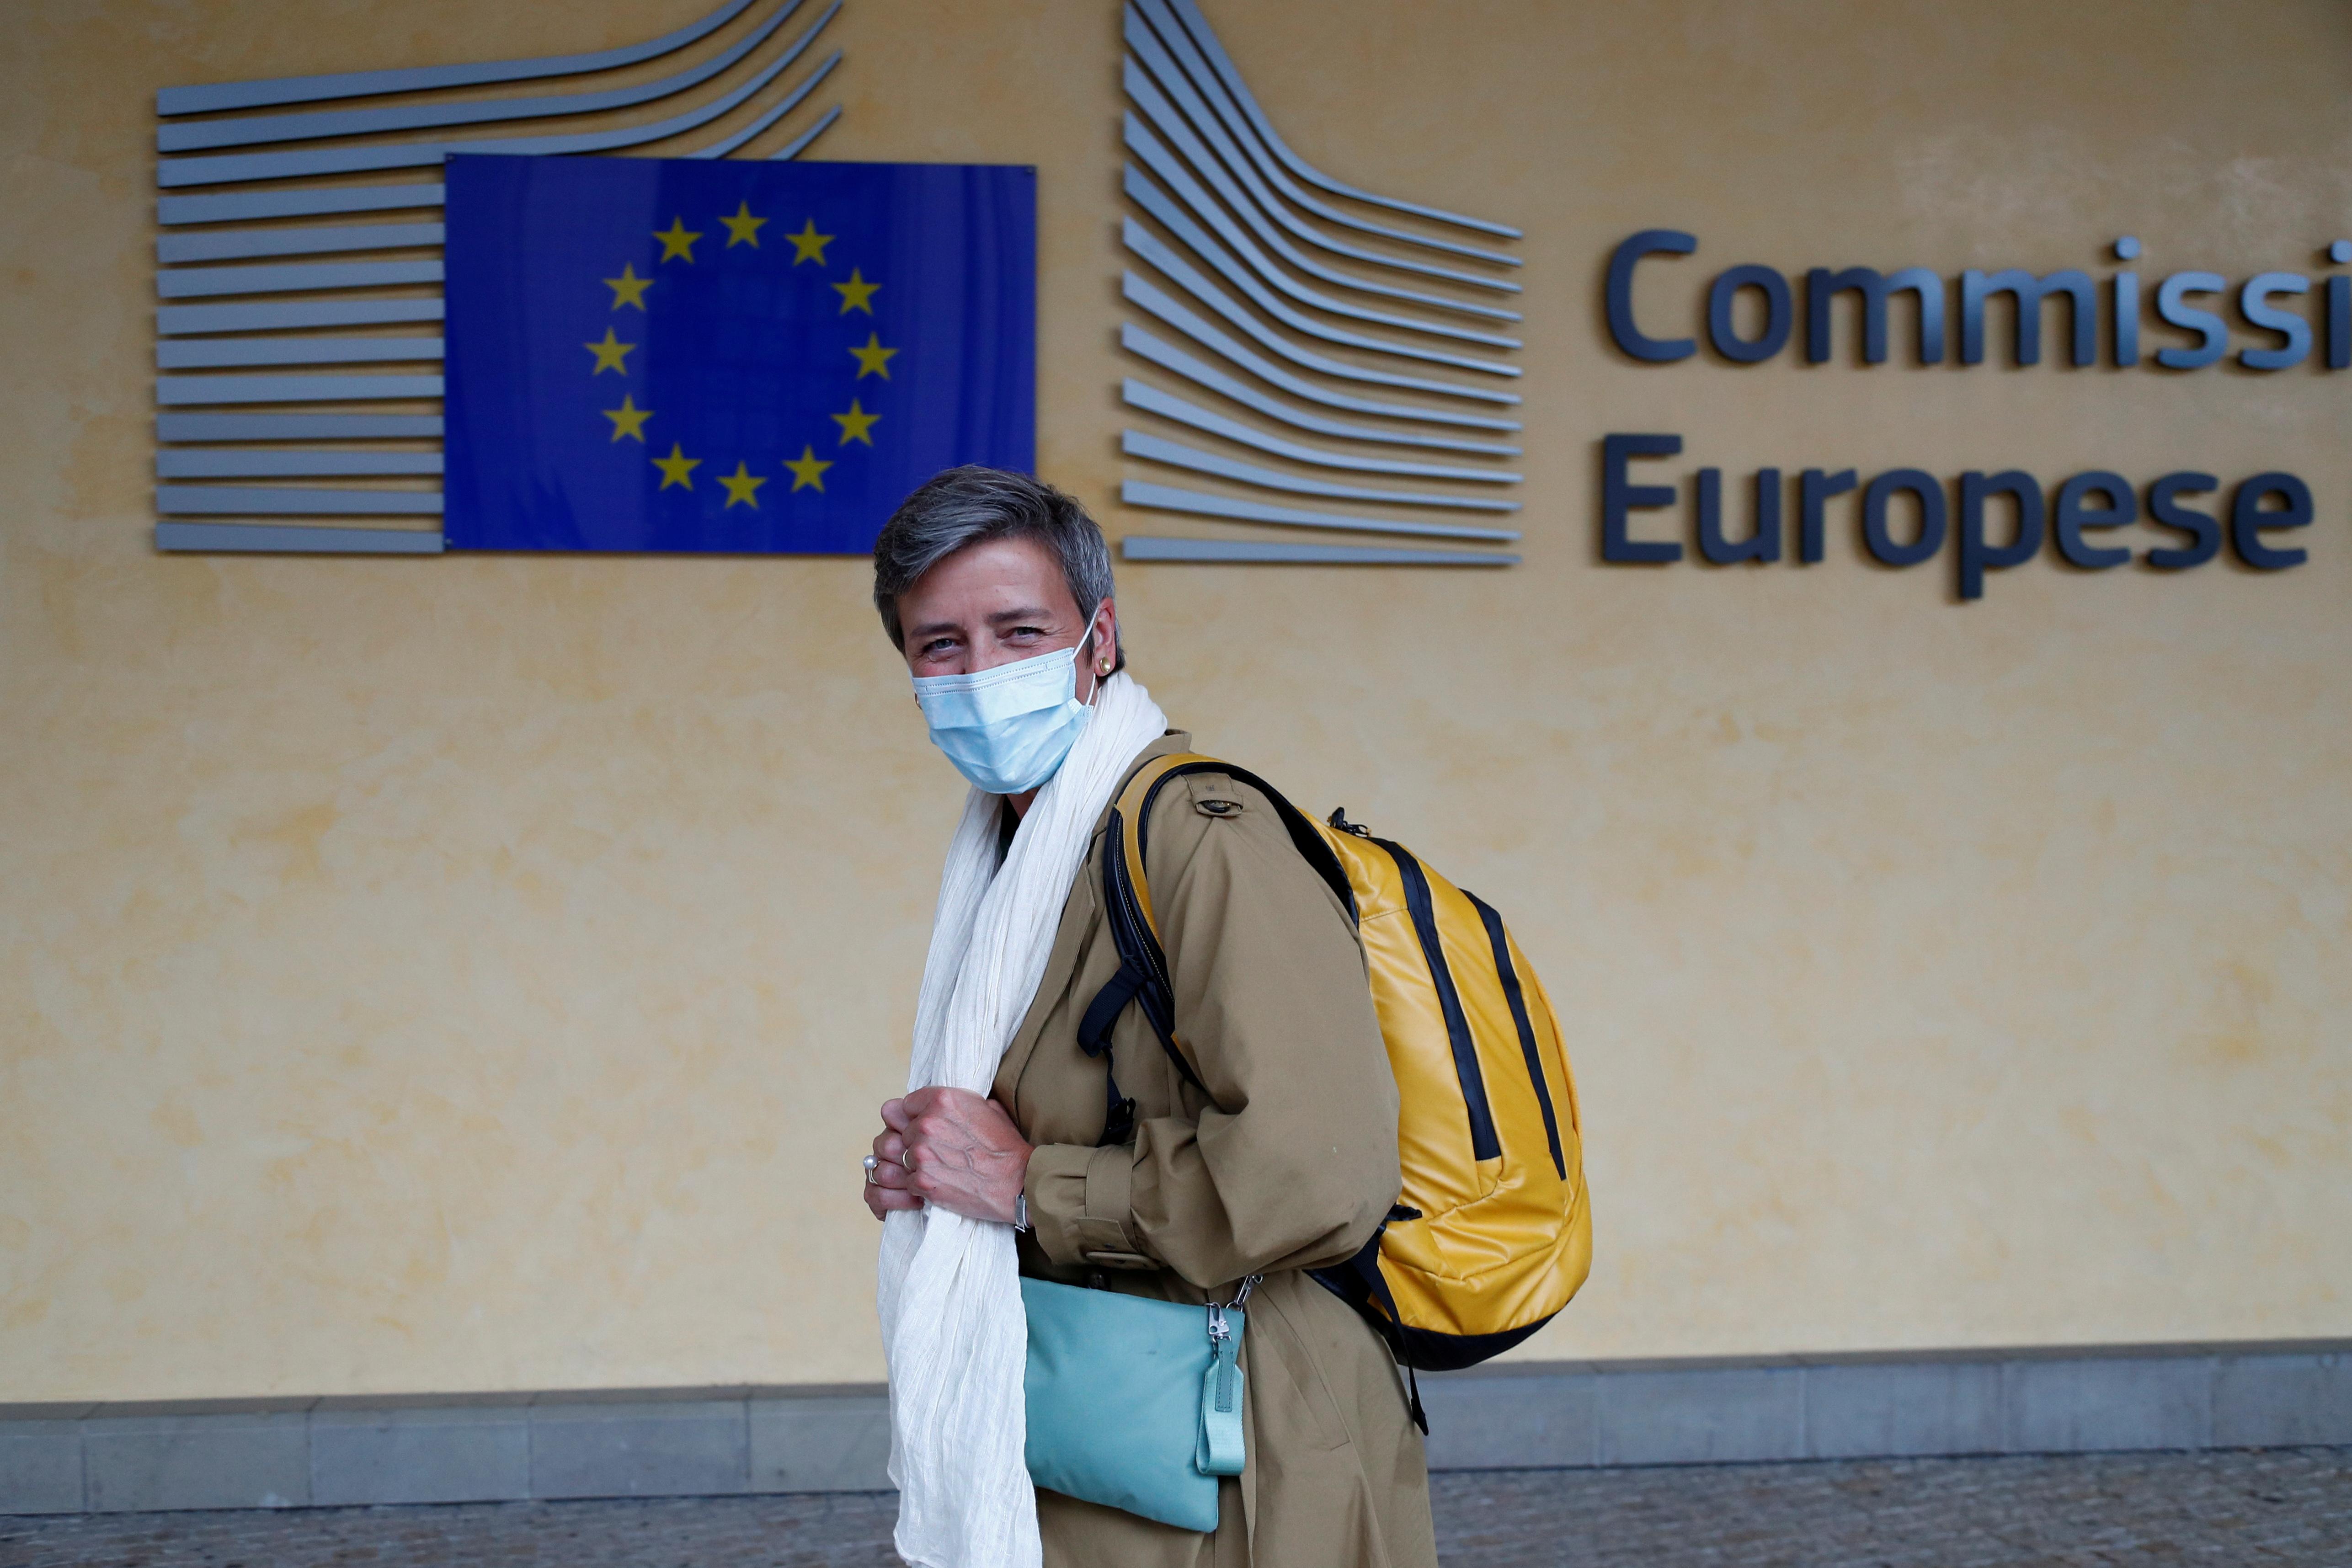 15 年 2020 月 XNUMX 日,戴着防护口罩的欧洲竞争事务专员玛格丽特·维斯塔格 (Margrethe Vestager) 离开位于比利时布鲁塞尔的欧盟委员会总部。REUTERS/Francois Lenoir/文件照片